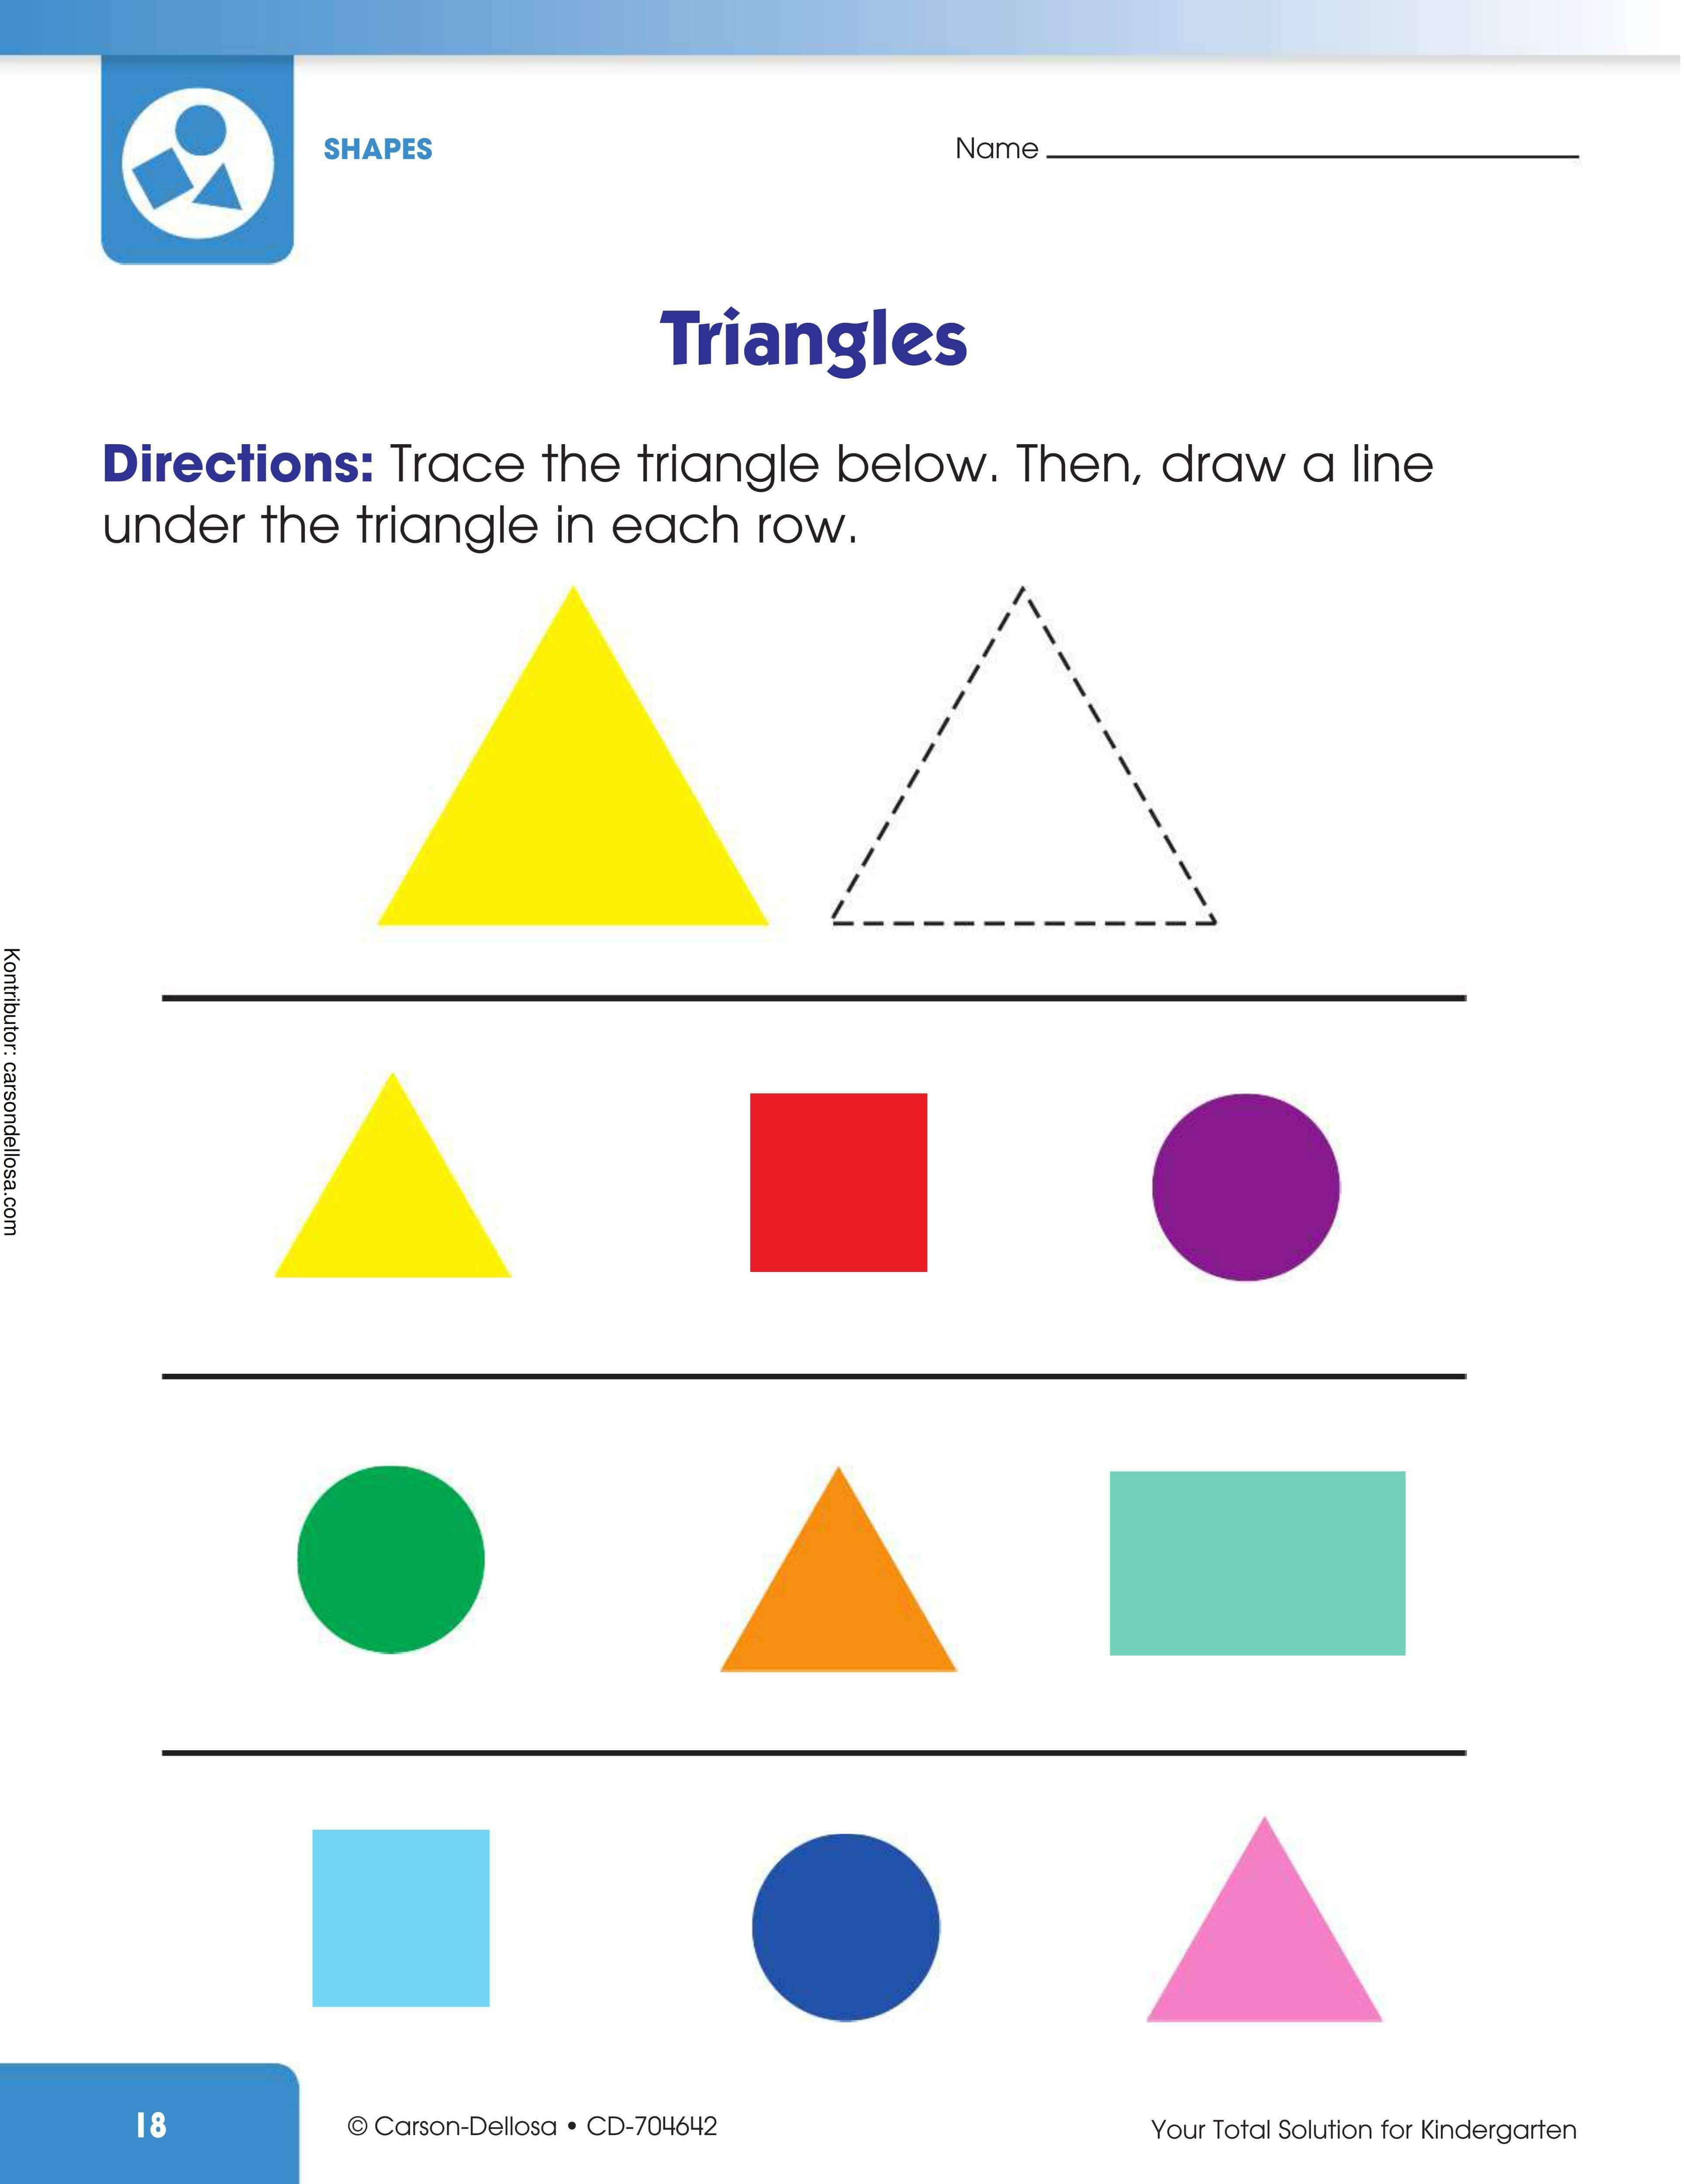 Belajar Mengenal dan Menggambar Bentuk Segi Tiga